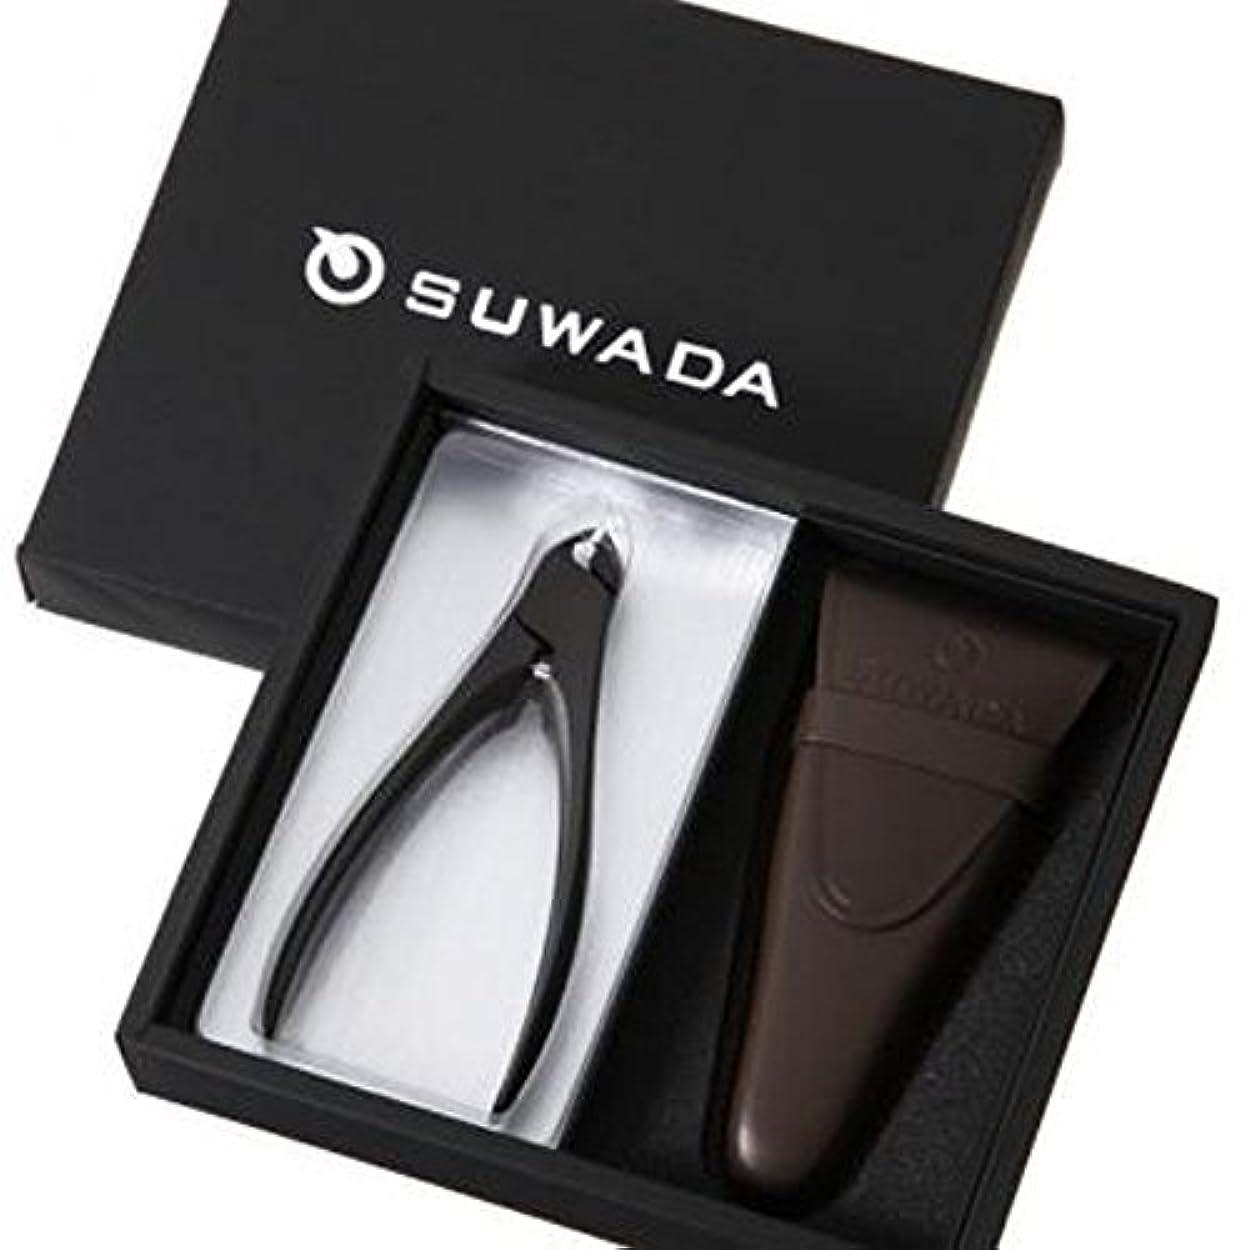 花瓶満了ウイルスSUWADA スワダ つめ切り ギフトボックス CLASSIC 黒仕上げ(L) 革ケース付き (ギフト箱入りセット)